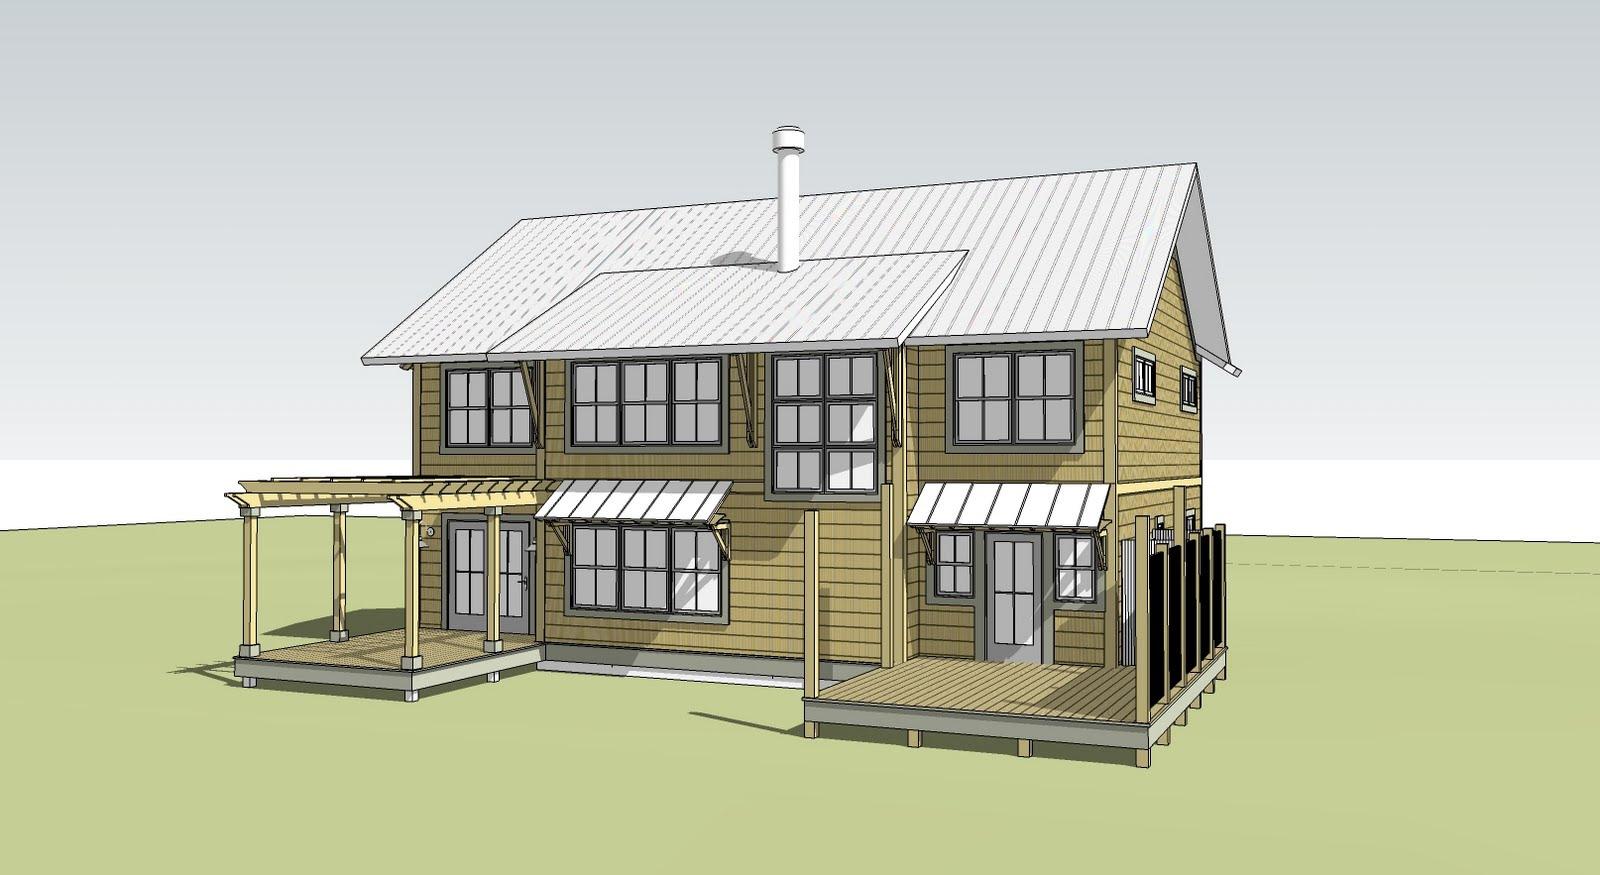 Google SketchUp House Design